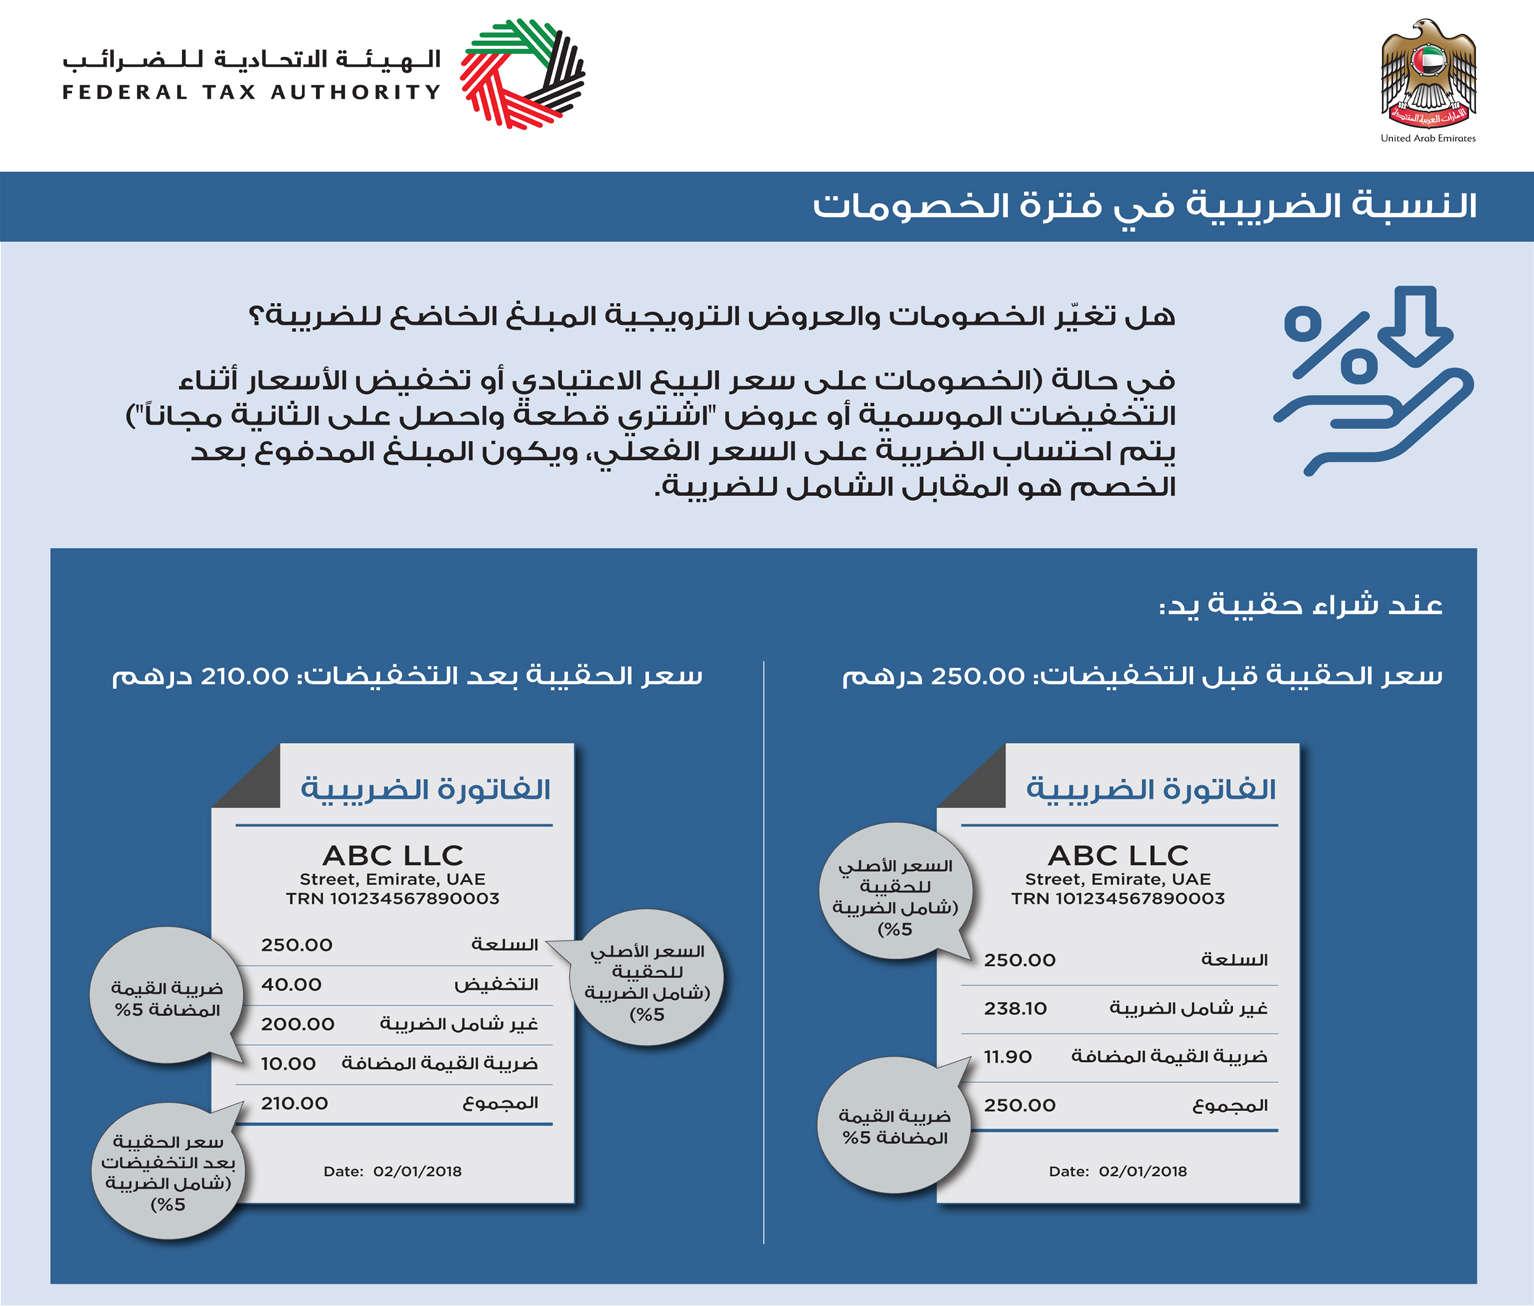 الهيئة الإتحادية: الضريبة المضافة ضمن سعر السلعة المعلن بالتخفيضات